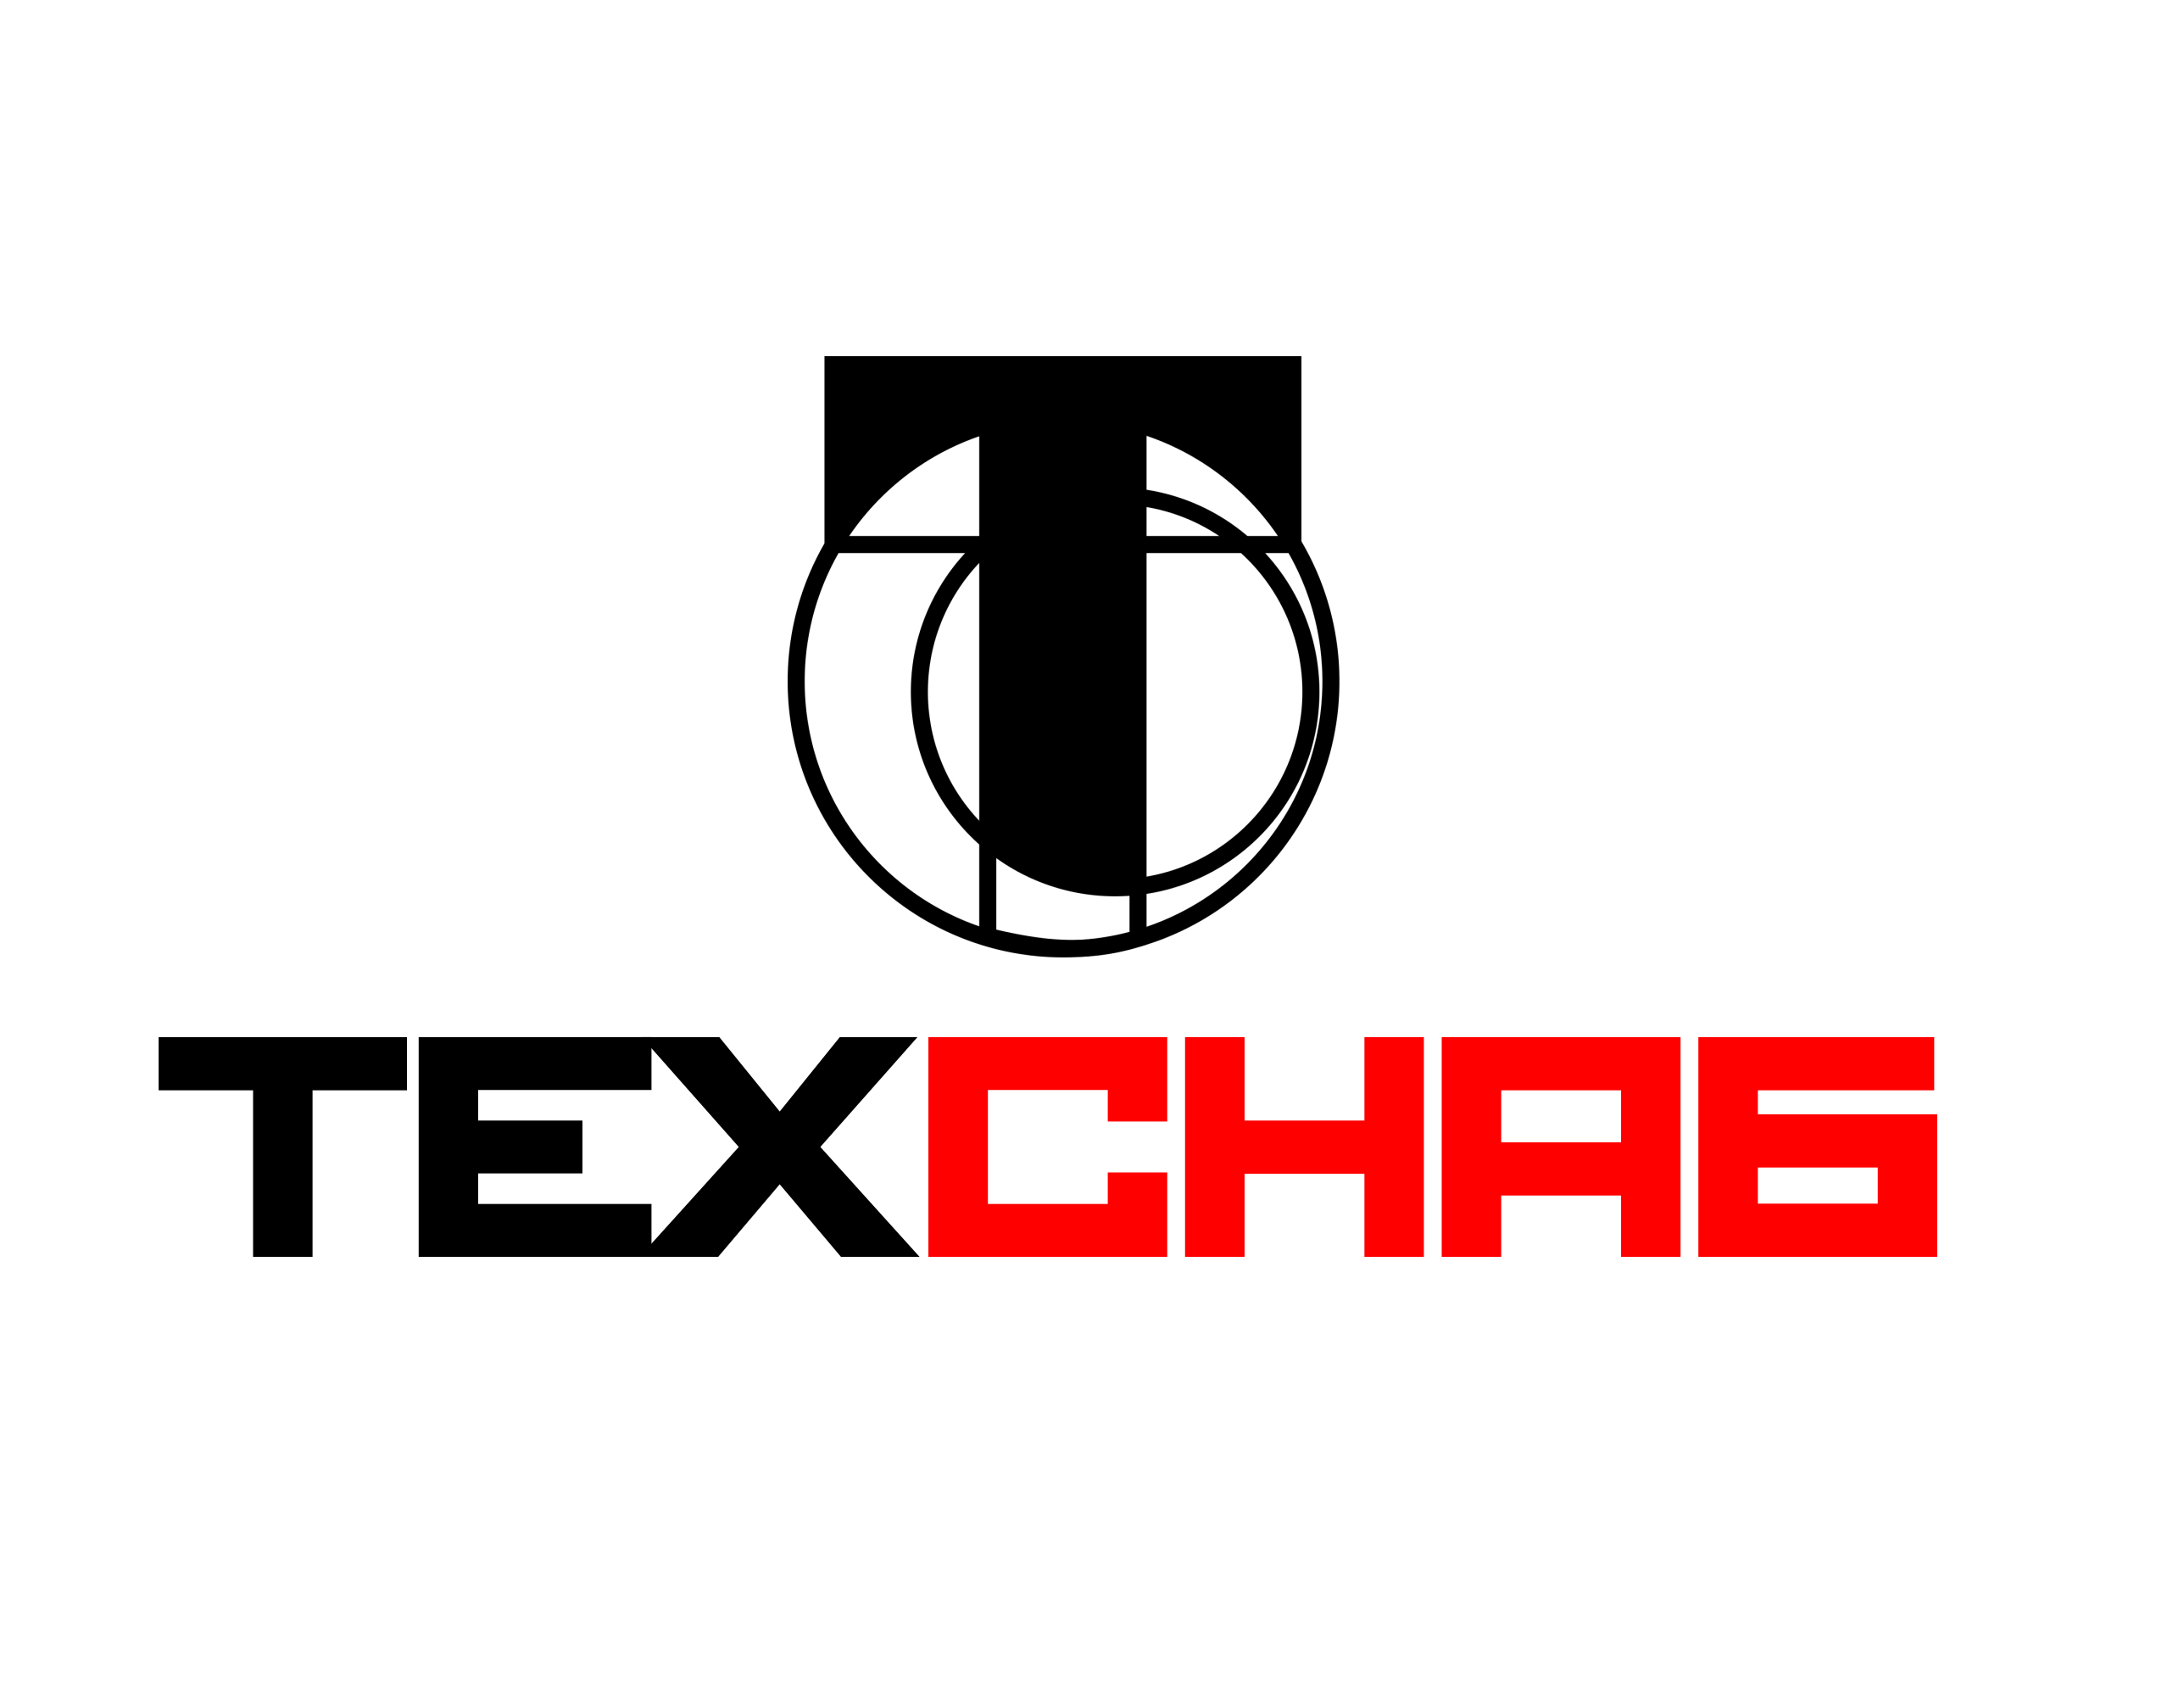 Разработка логотипа и фирм. стиля компании  ТЕХСНАБ фото f_3995b1b940413244.jpg